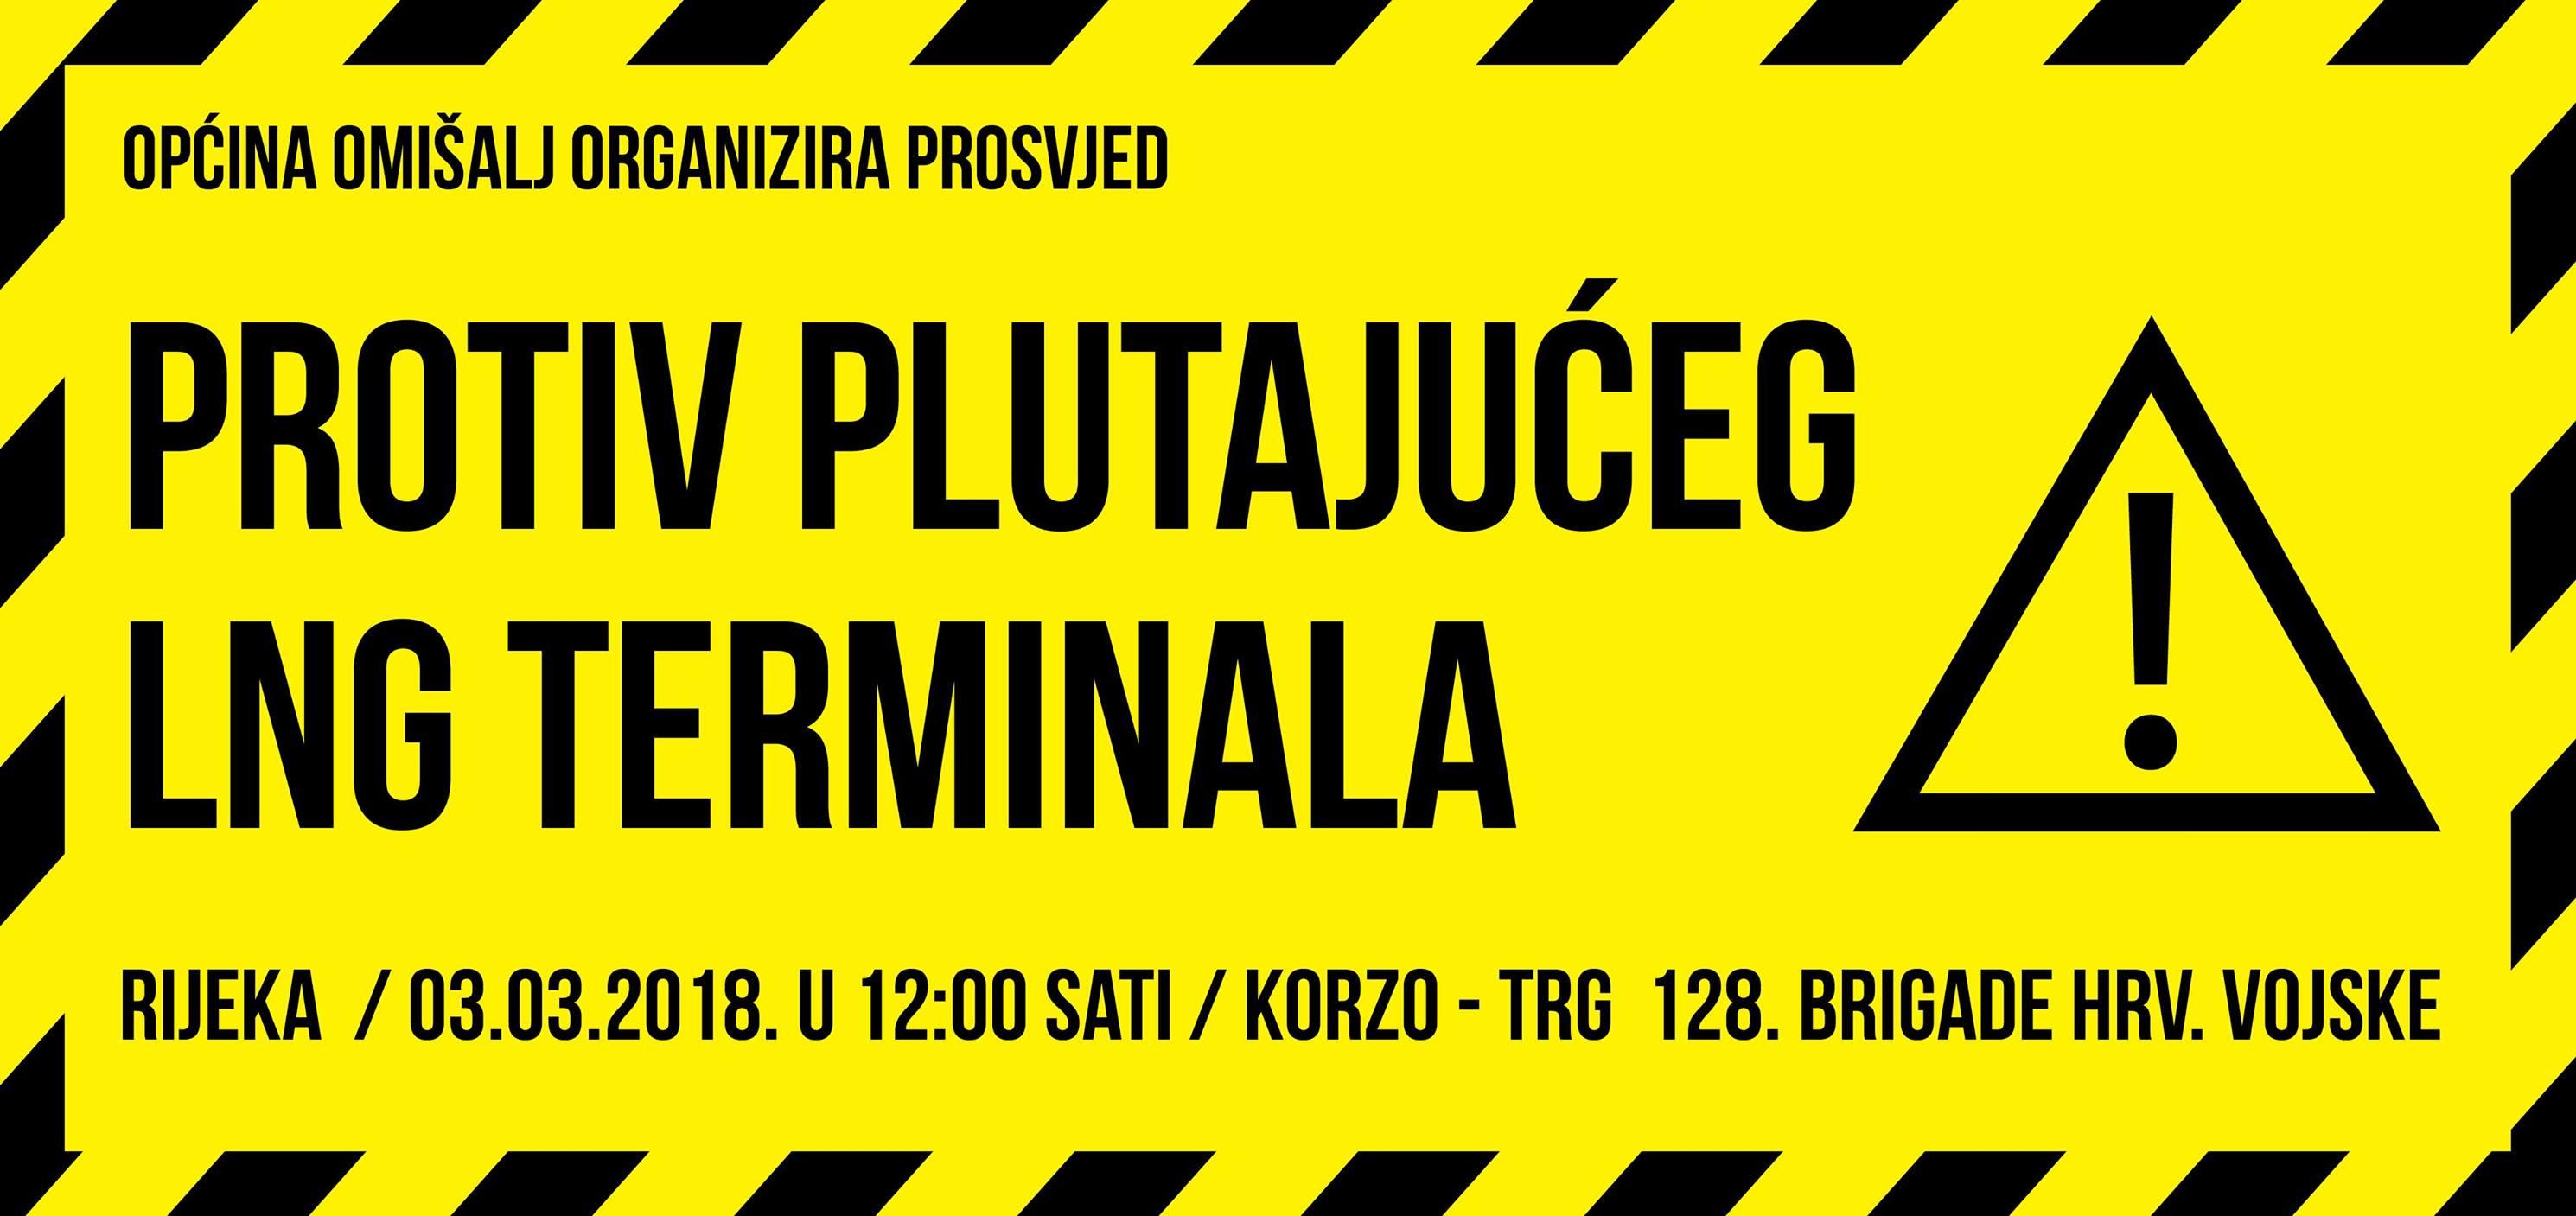 LNG terminal na Krku/ M.Ahmetović: Pljačka hrvatskih građana u korist trećih zemalja, Mađarske, EU ili SAD-a?